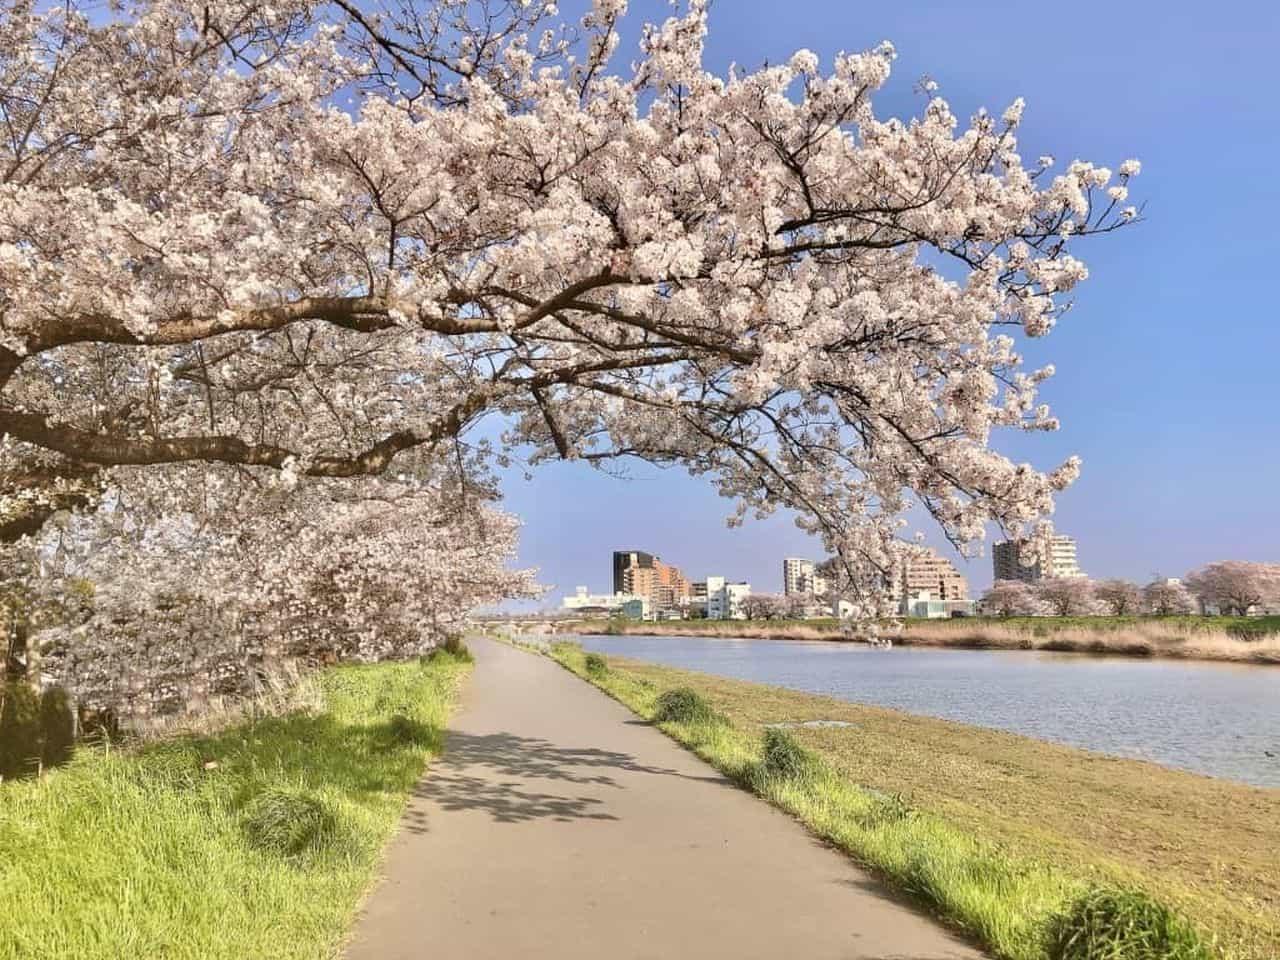 今年の花見は自転車で!「お花見カーゴバイク」が「星野リゾート BEB5土浦」に登場